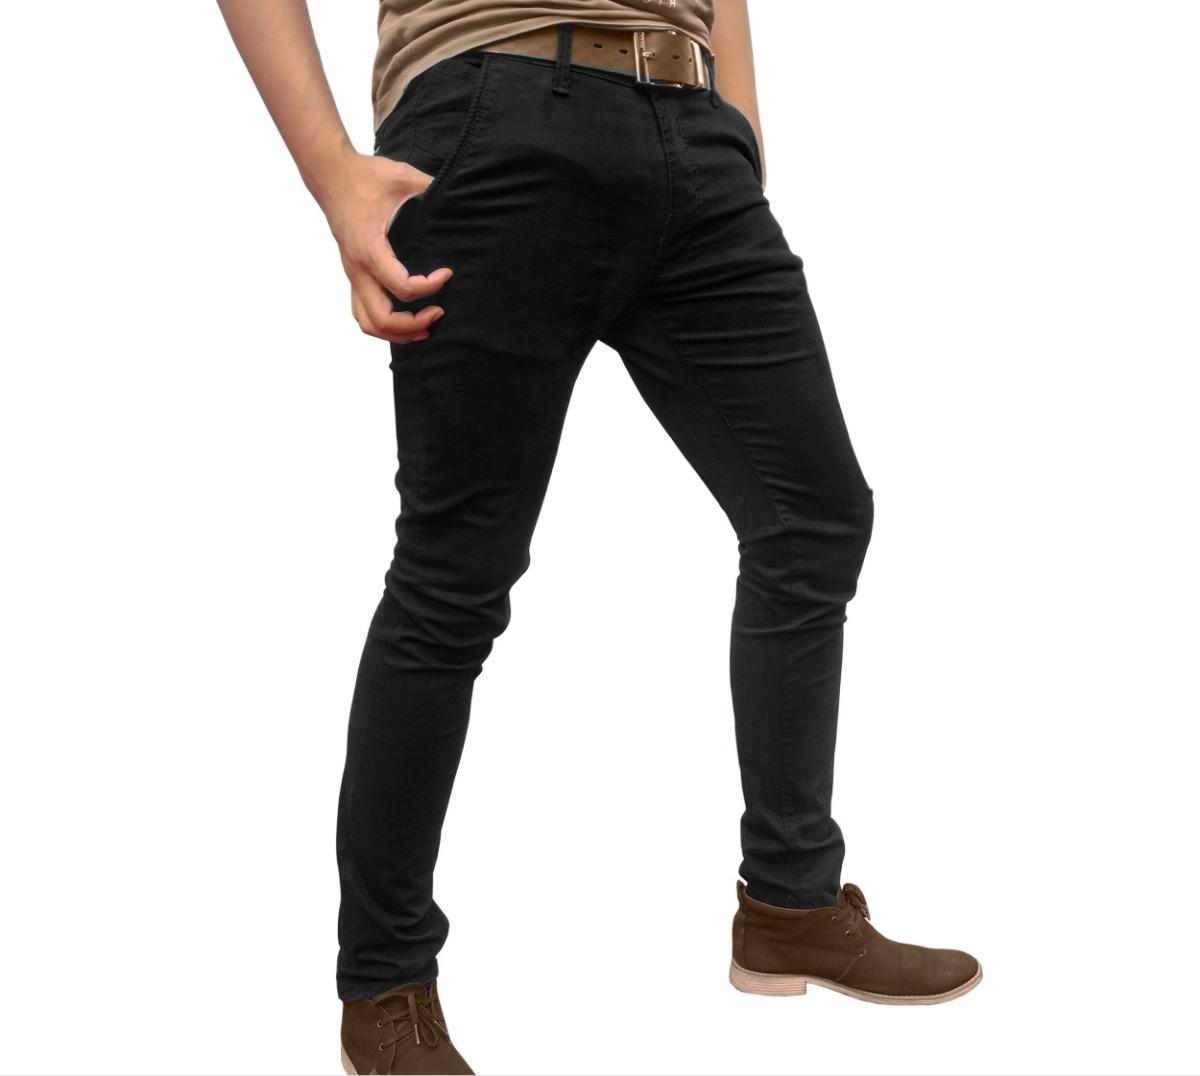 Pantalones Baratos Para Hombre Entubados Skinny - $ 330.00 ...